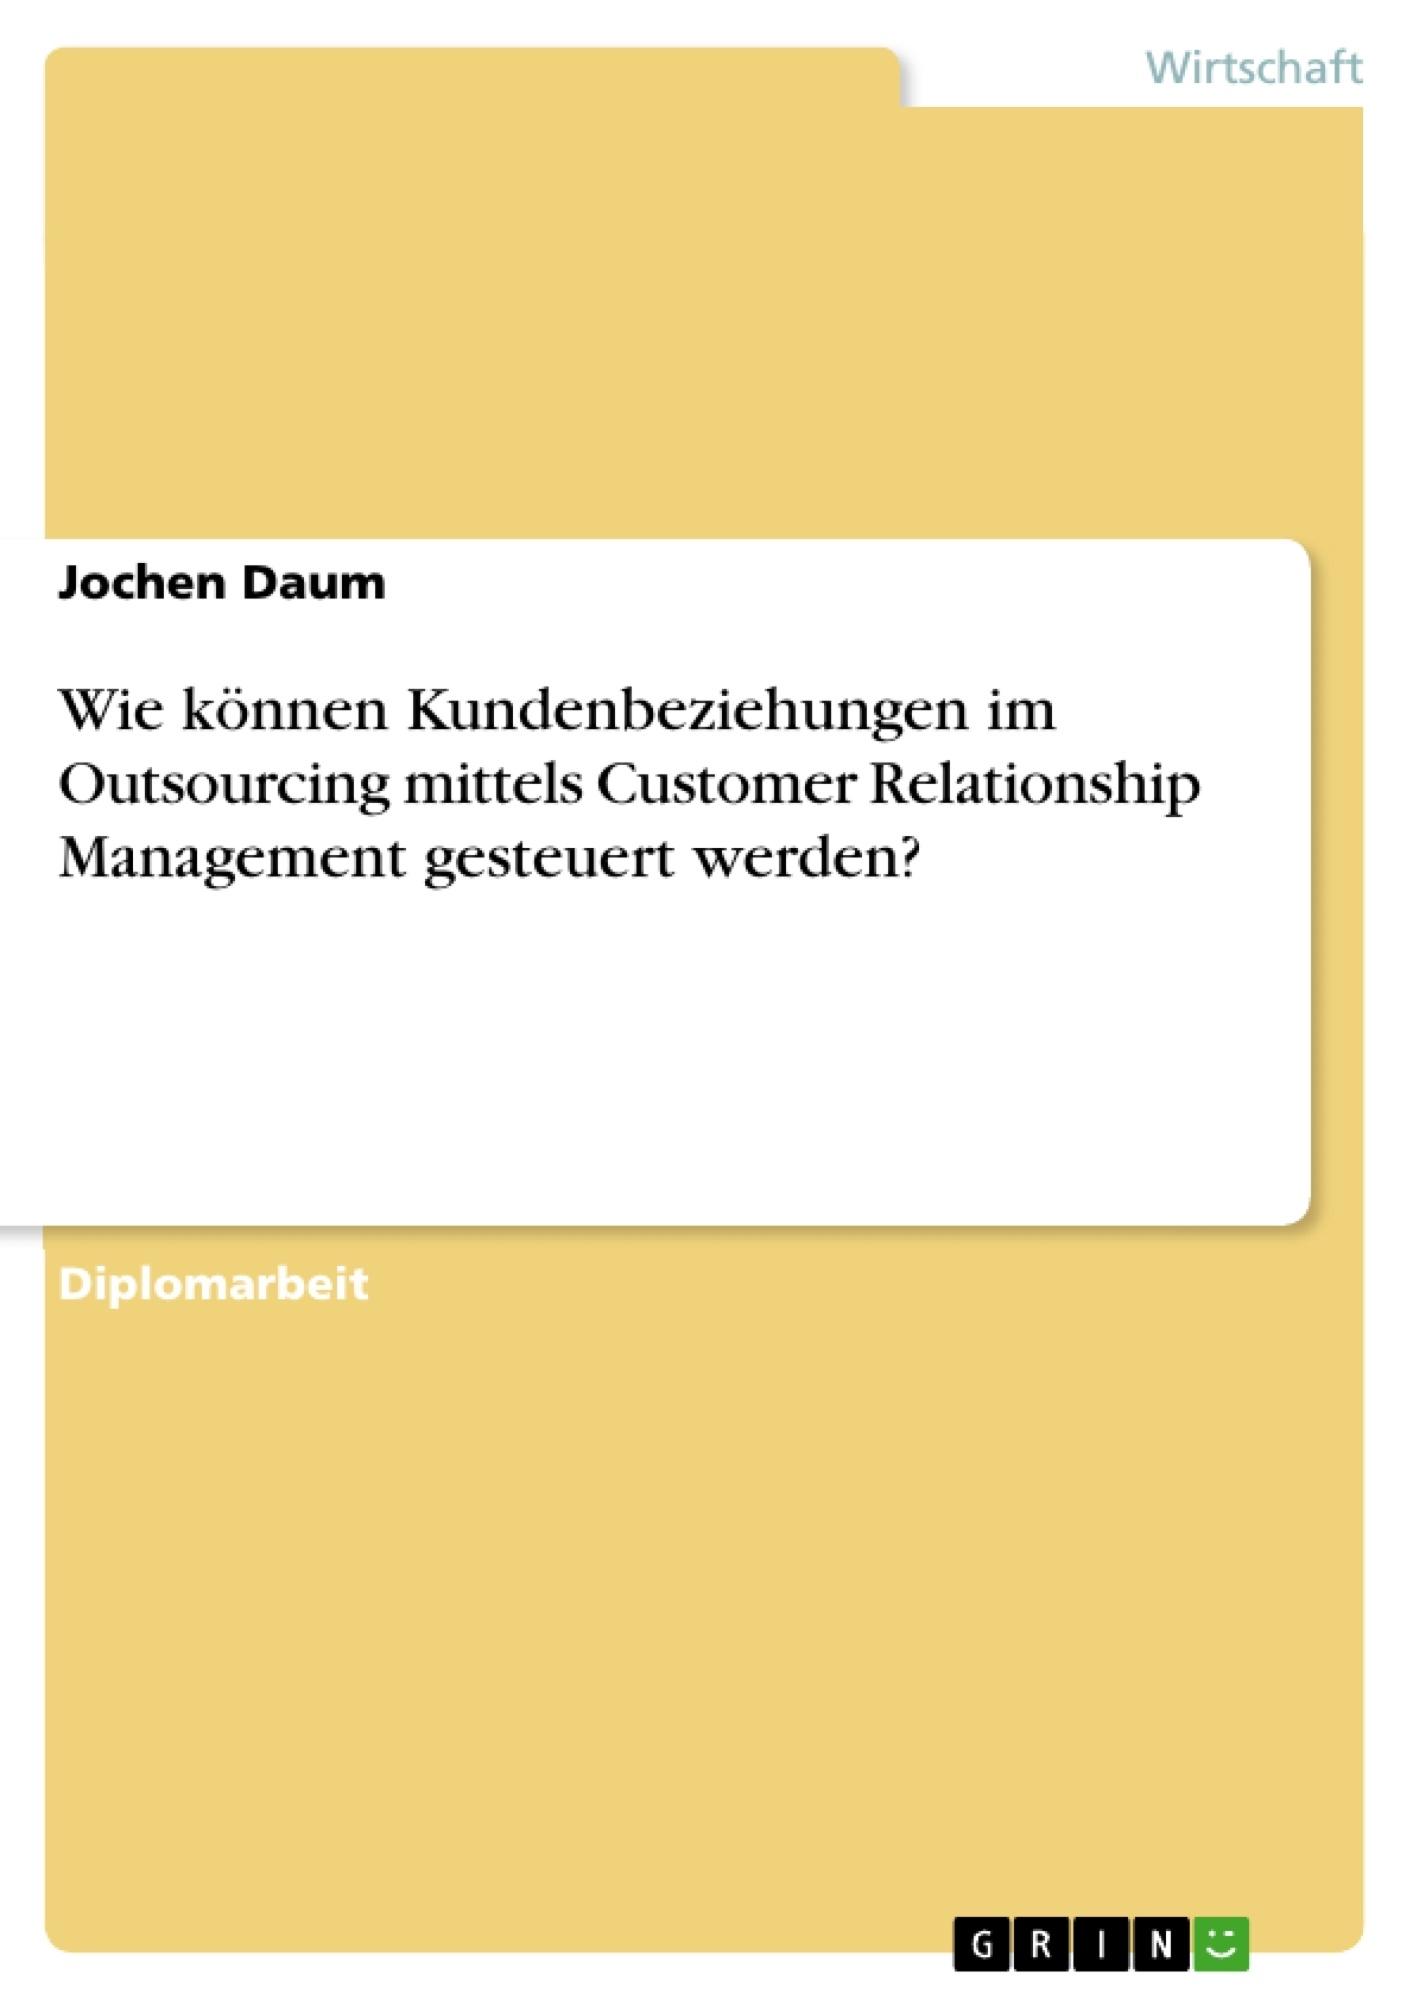 Titel: Wie können Kundenbeziehungen im Outsourcing mittels Customer Relationship Management gesteuert werden?